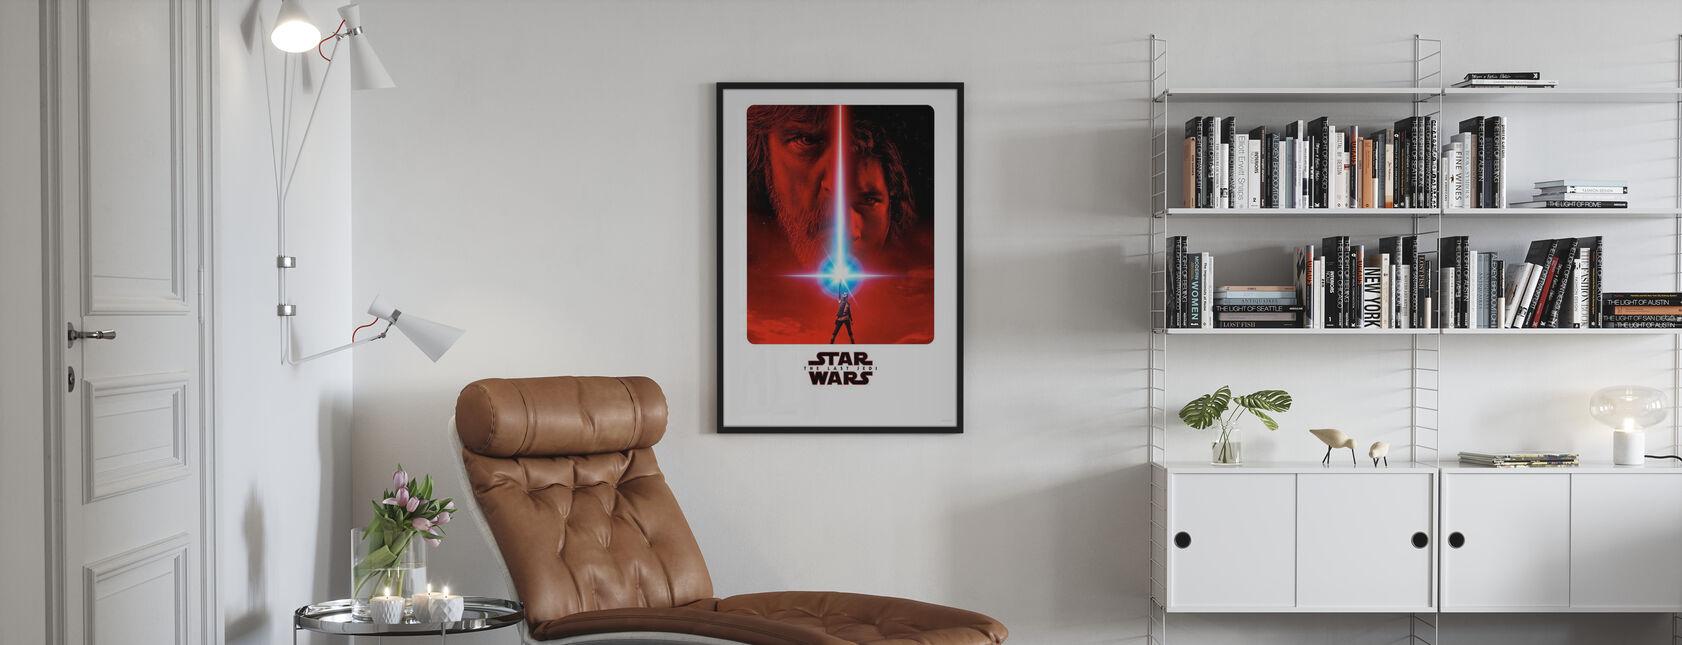 Tähtien sota - viimeinen jedi elokuva juliste - Kehystetty kuva - Olohuone